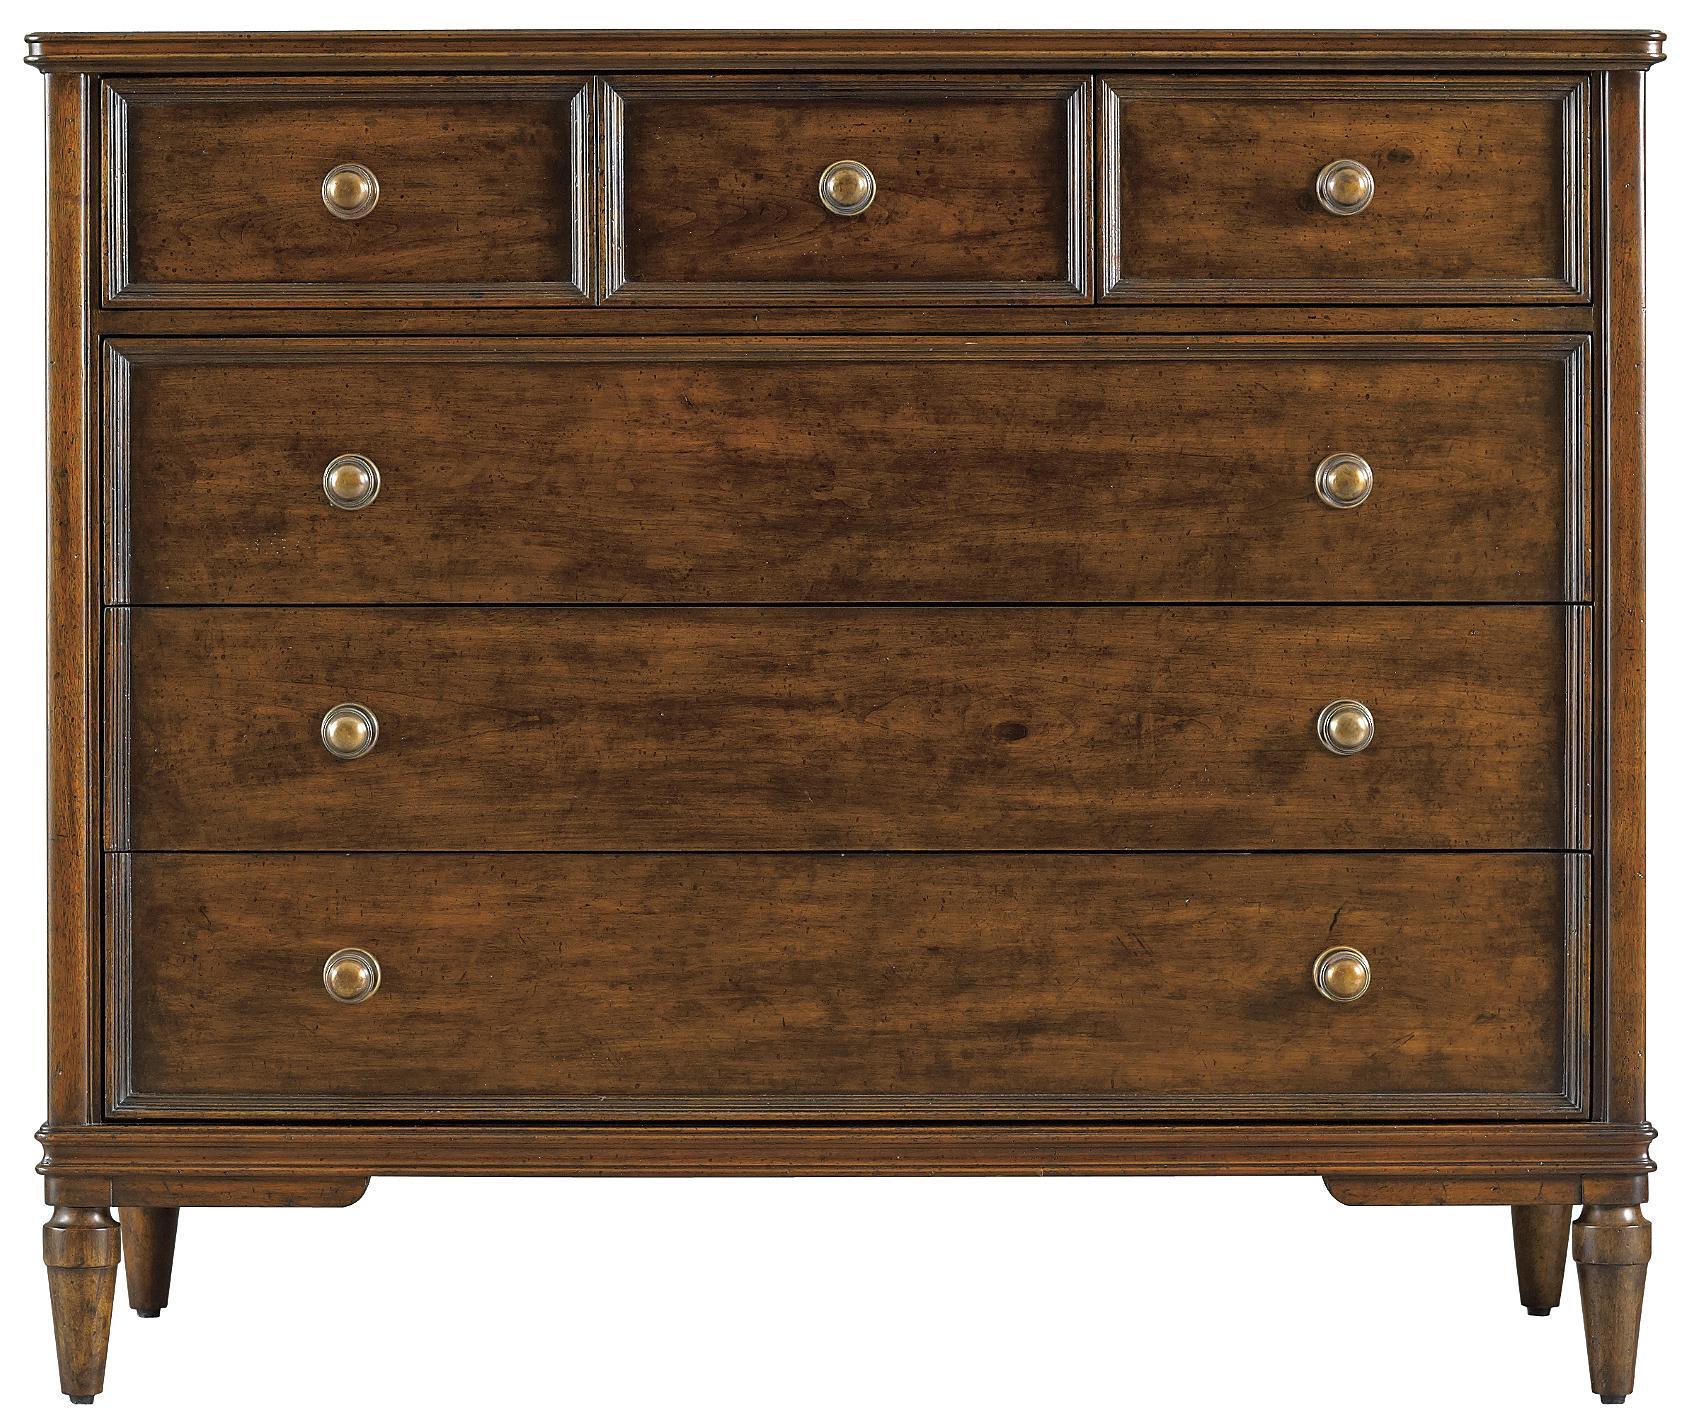 Stanley Furniture The Classic Portfolio - Vintage Media Chest - Item Number: 264-13-11